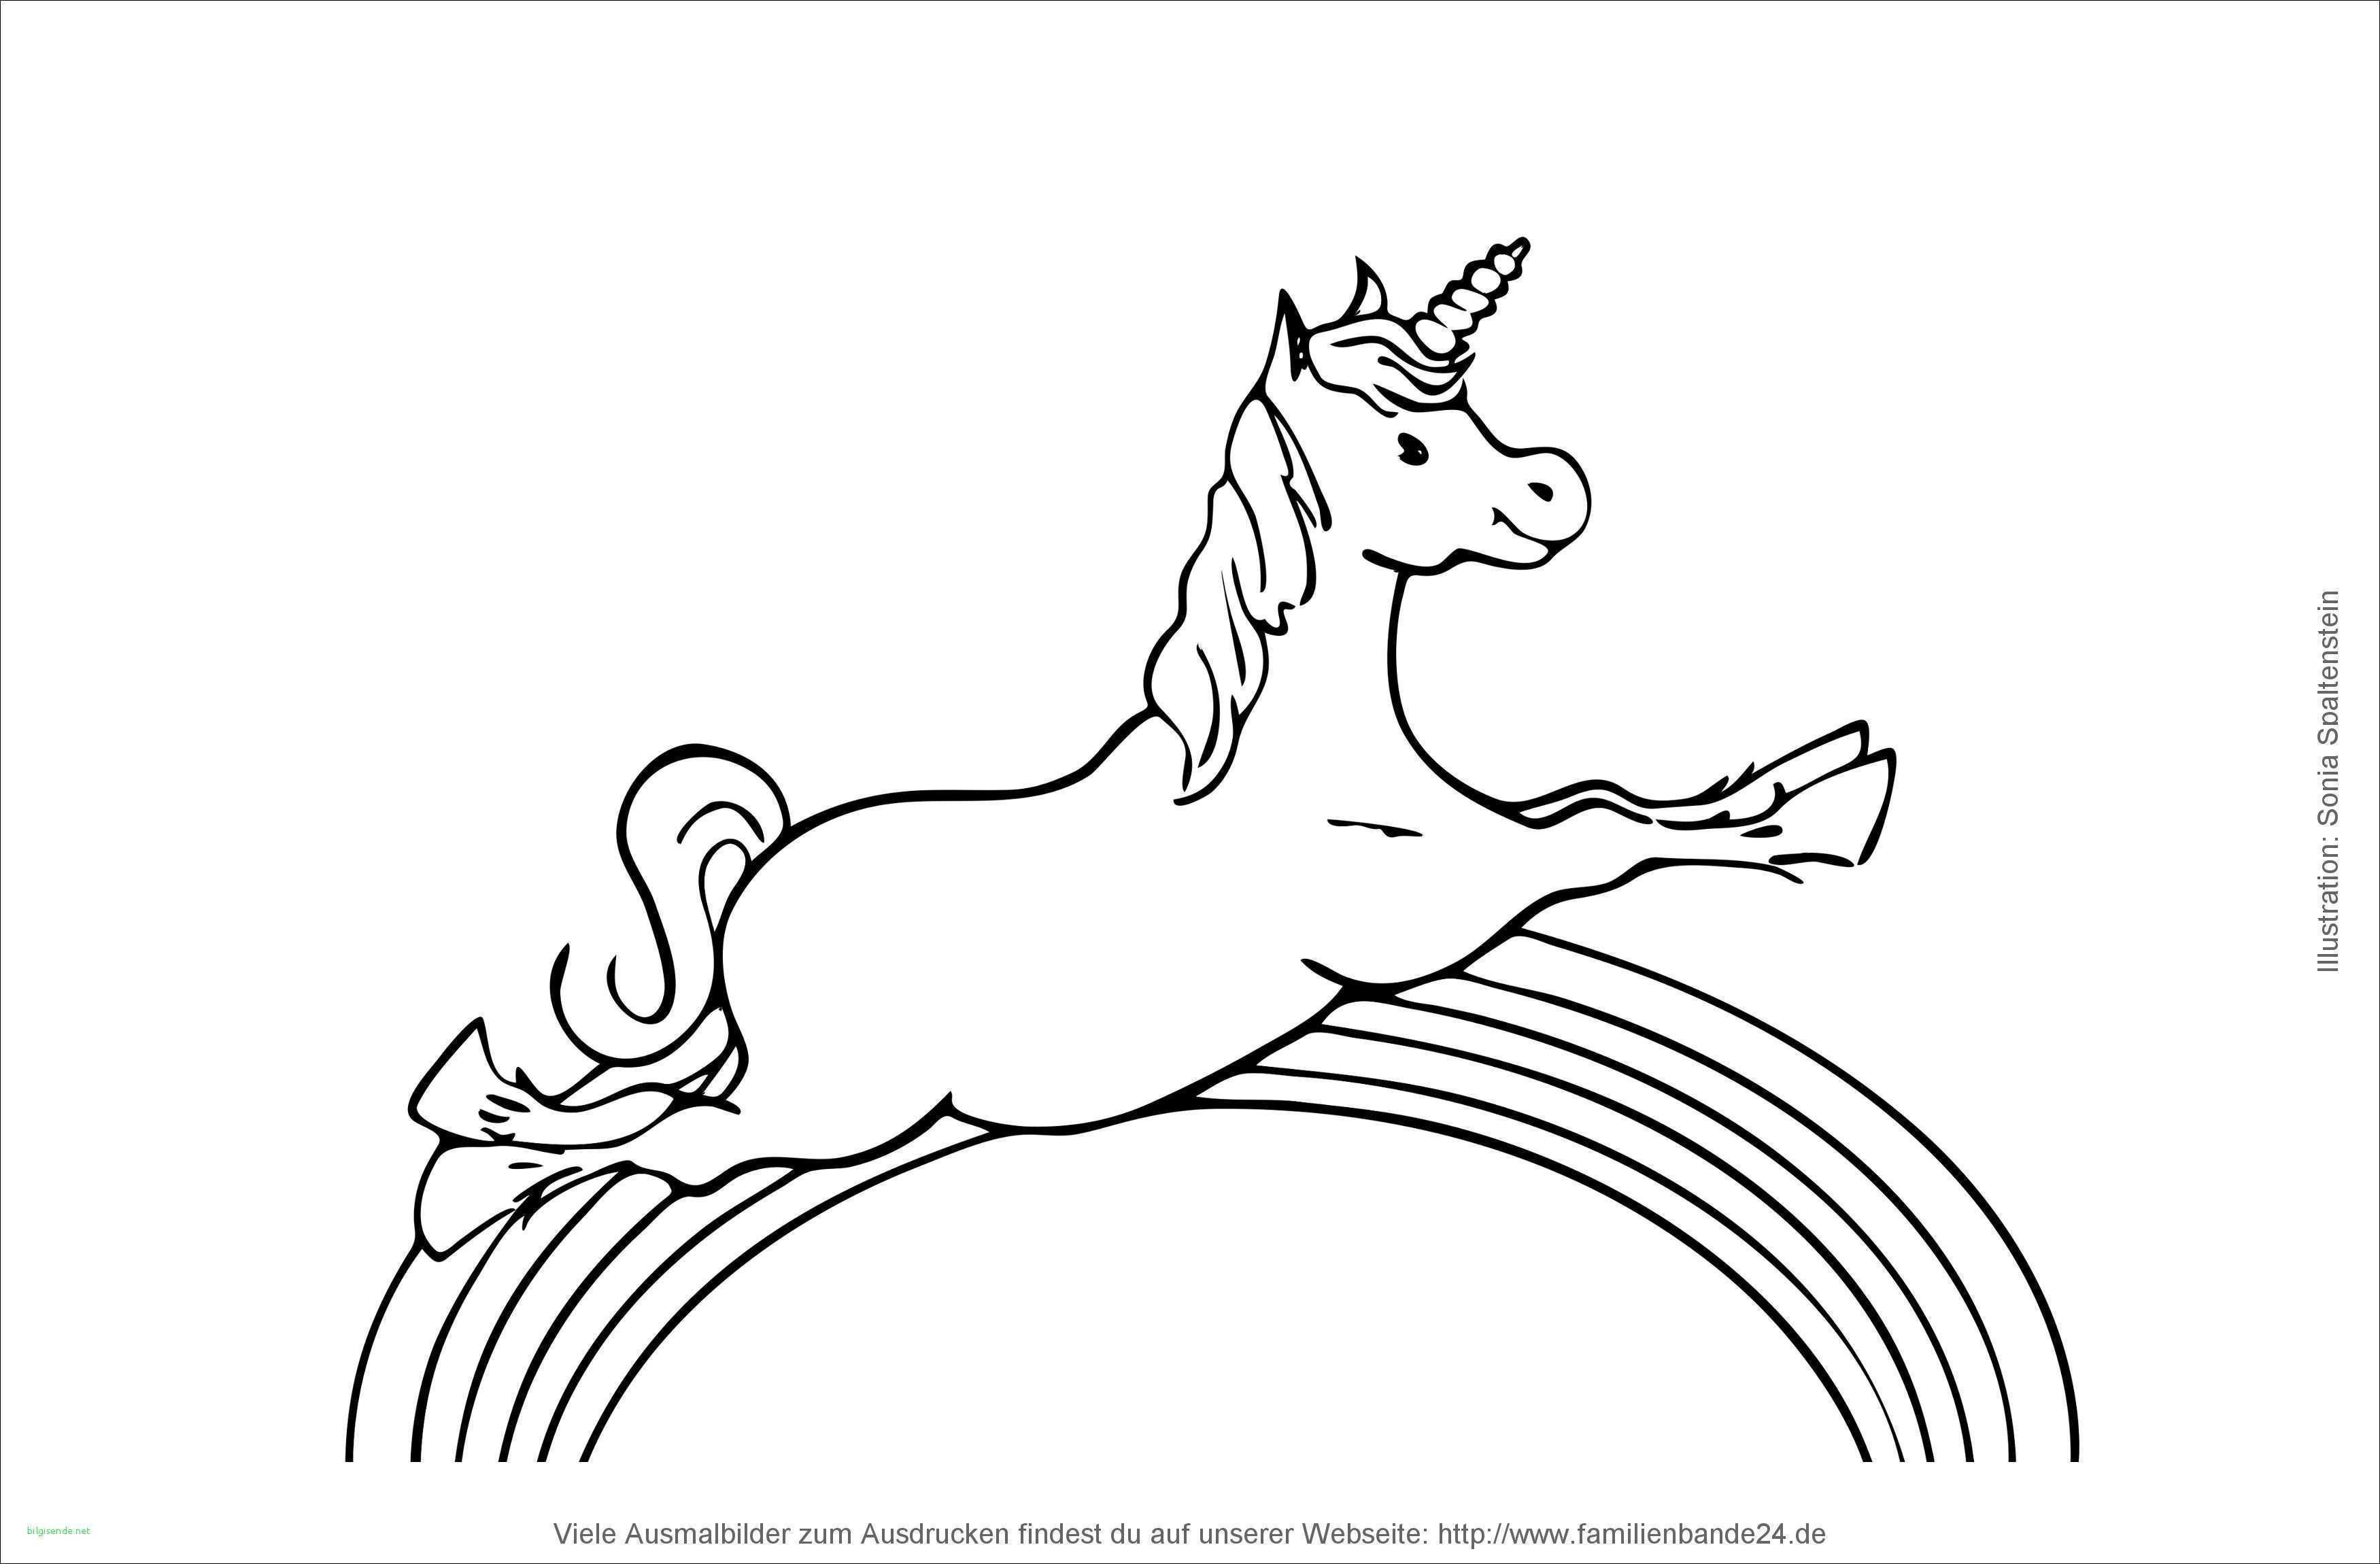 Malvorlagen My Little Pony Neu Mia and Me Ausmalbilder Zum Drucken Fotos Malvorlagen Igel Frisch Galerie